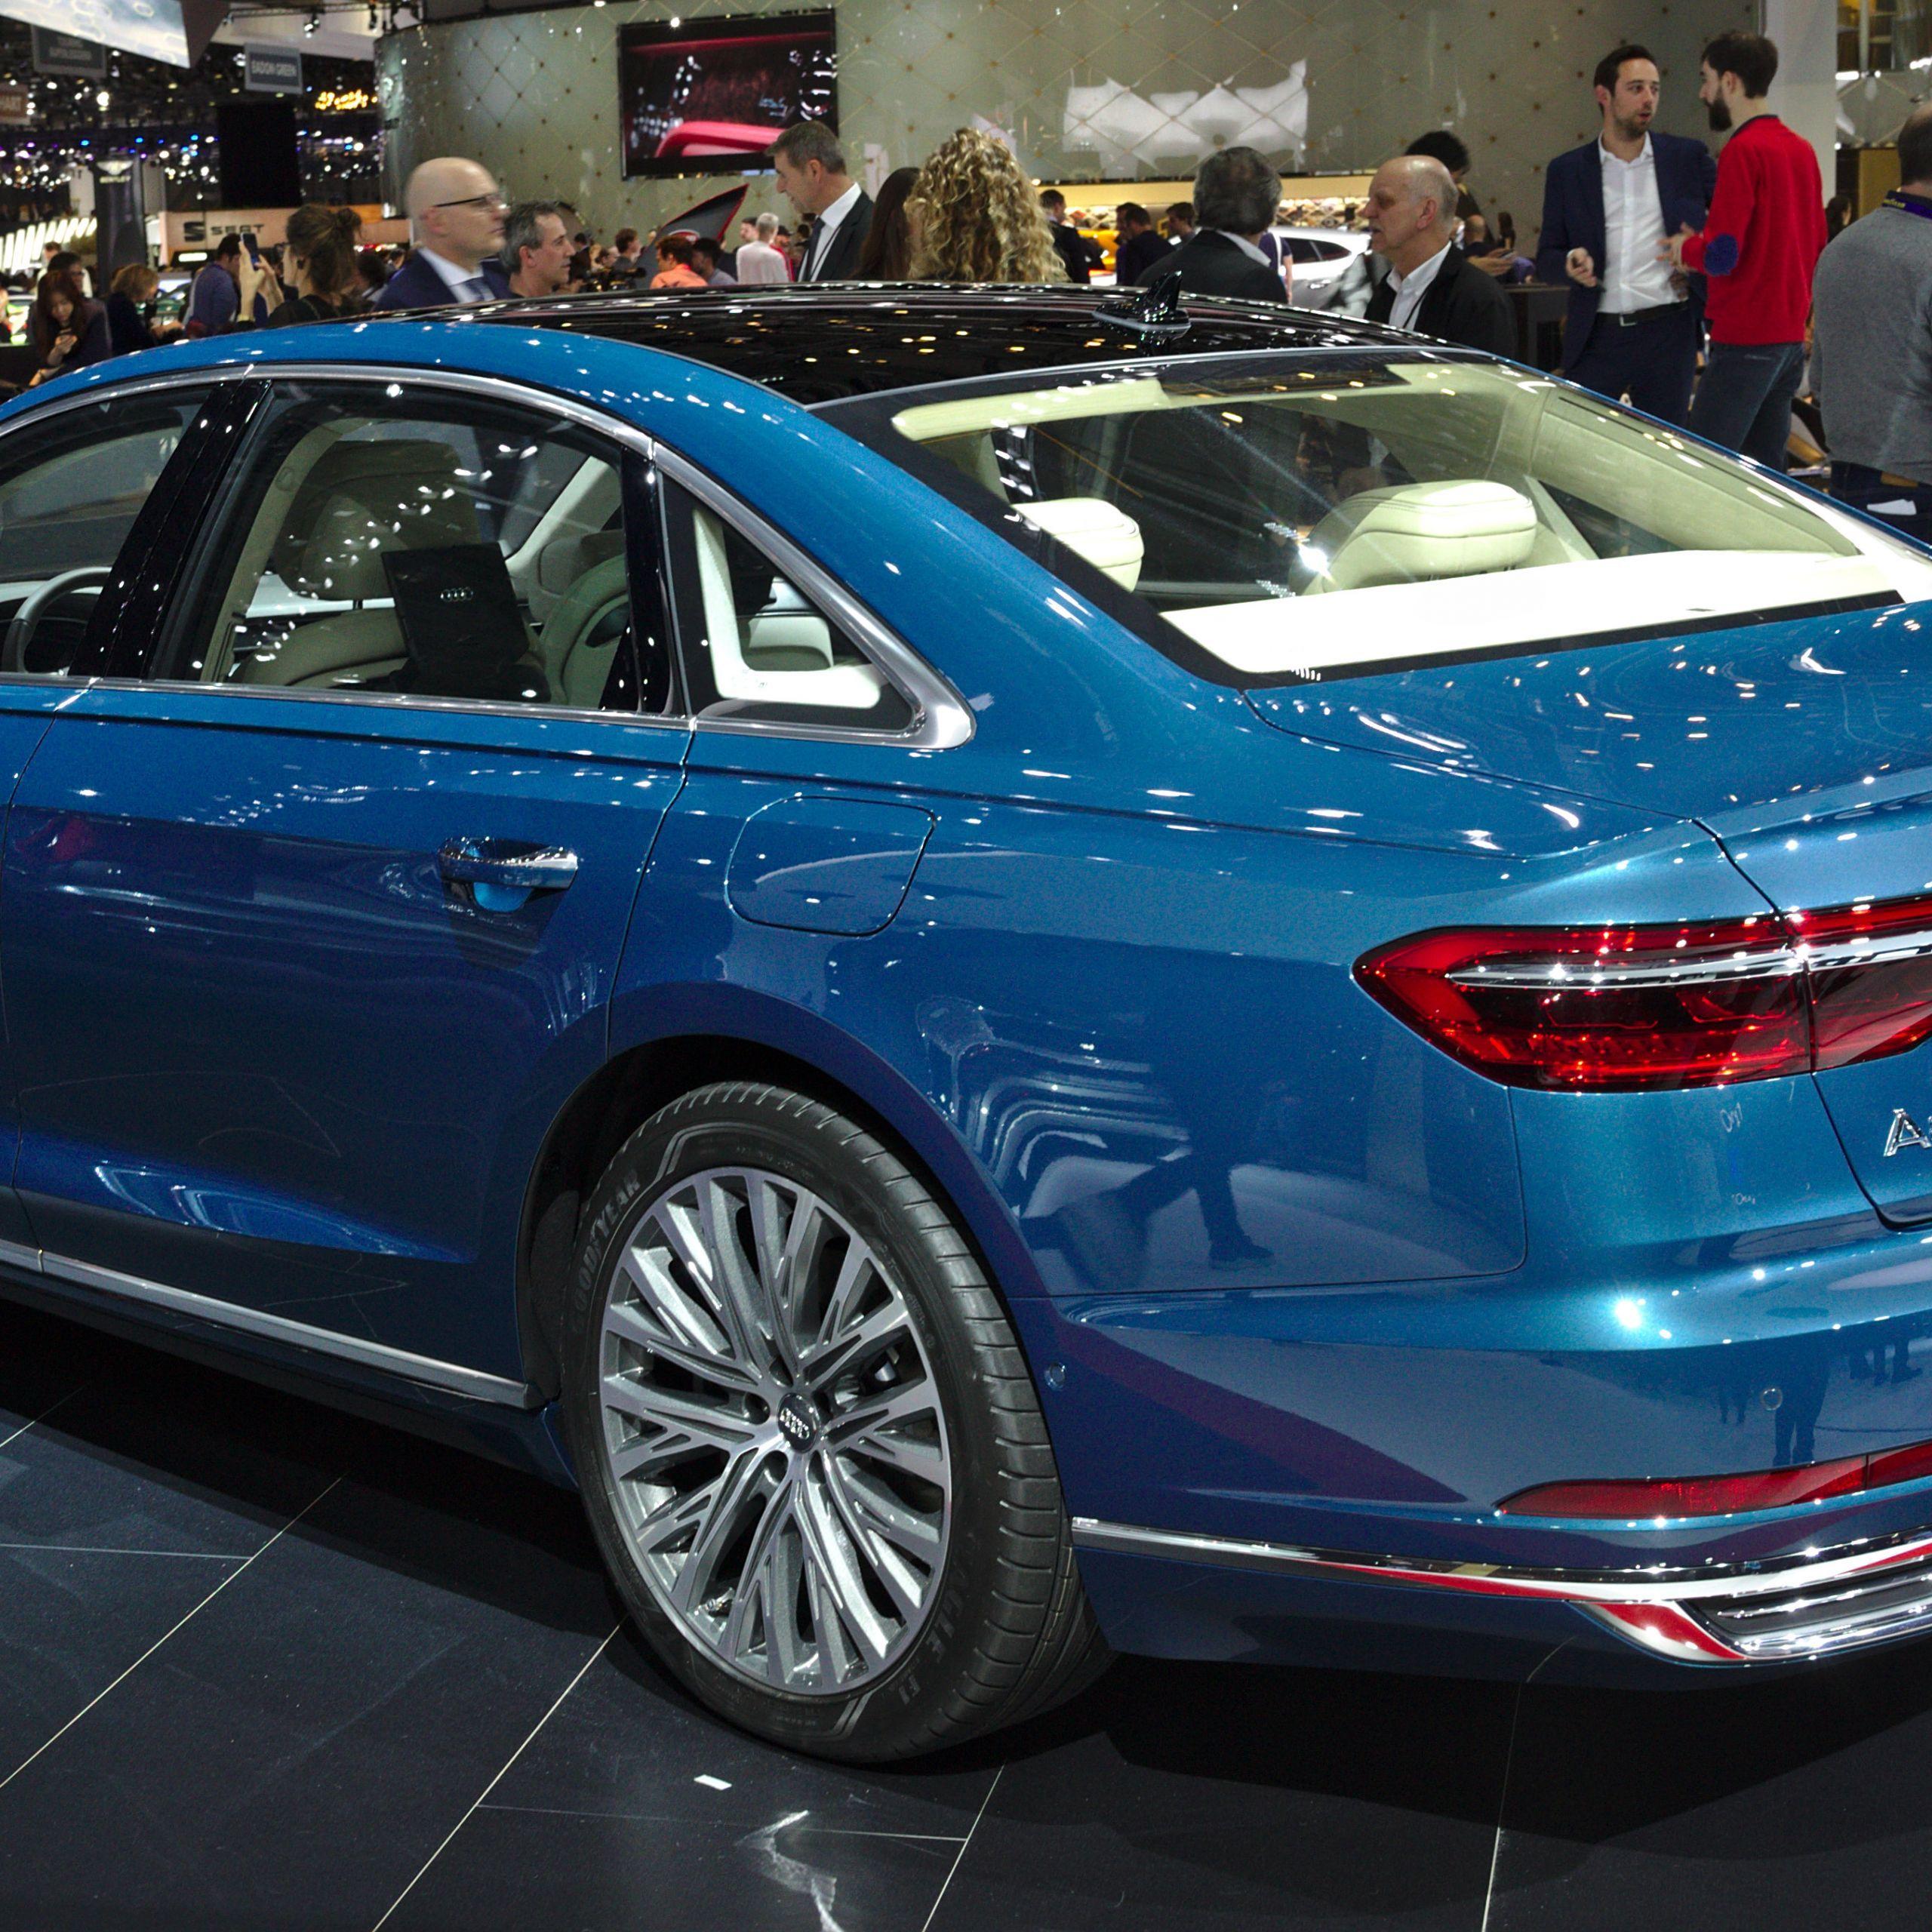 Audi A8 For Sale Beautiful Audi A8 Wikiwand In 2020 Audi A5 Audi A8 Audi S4